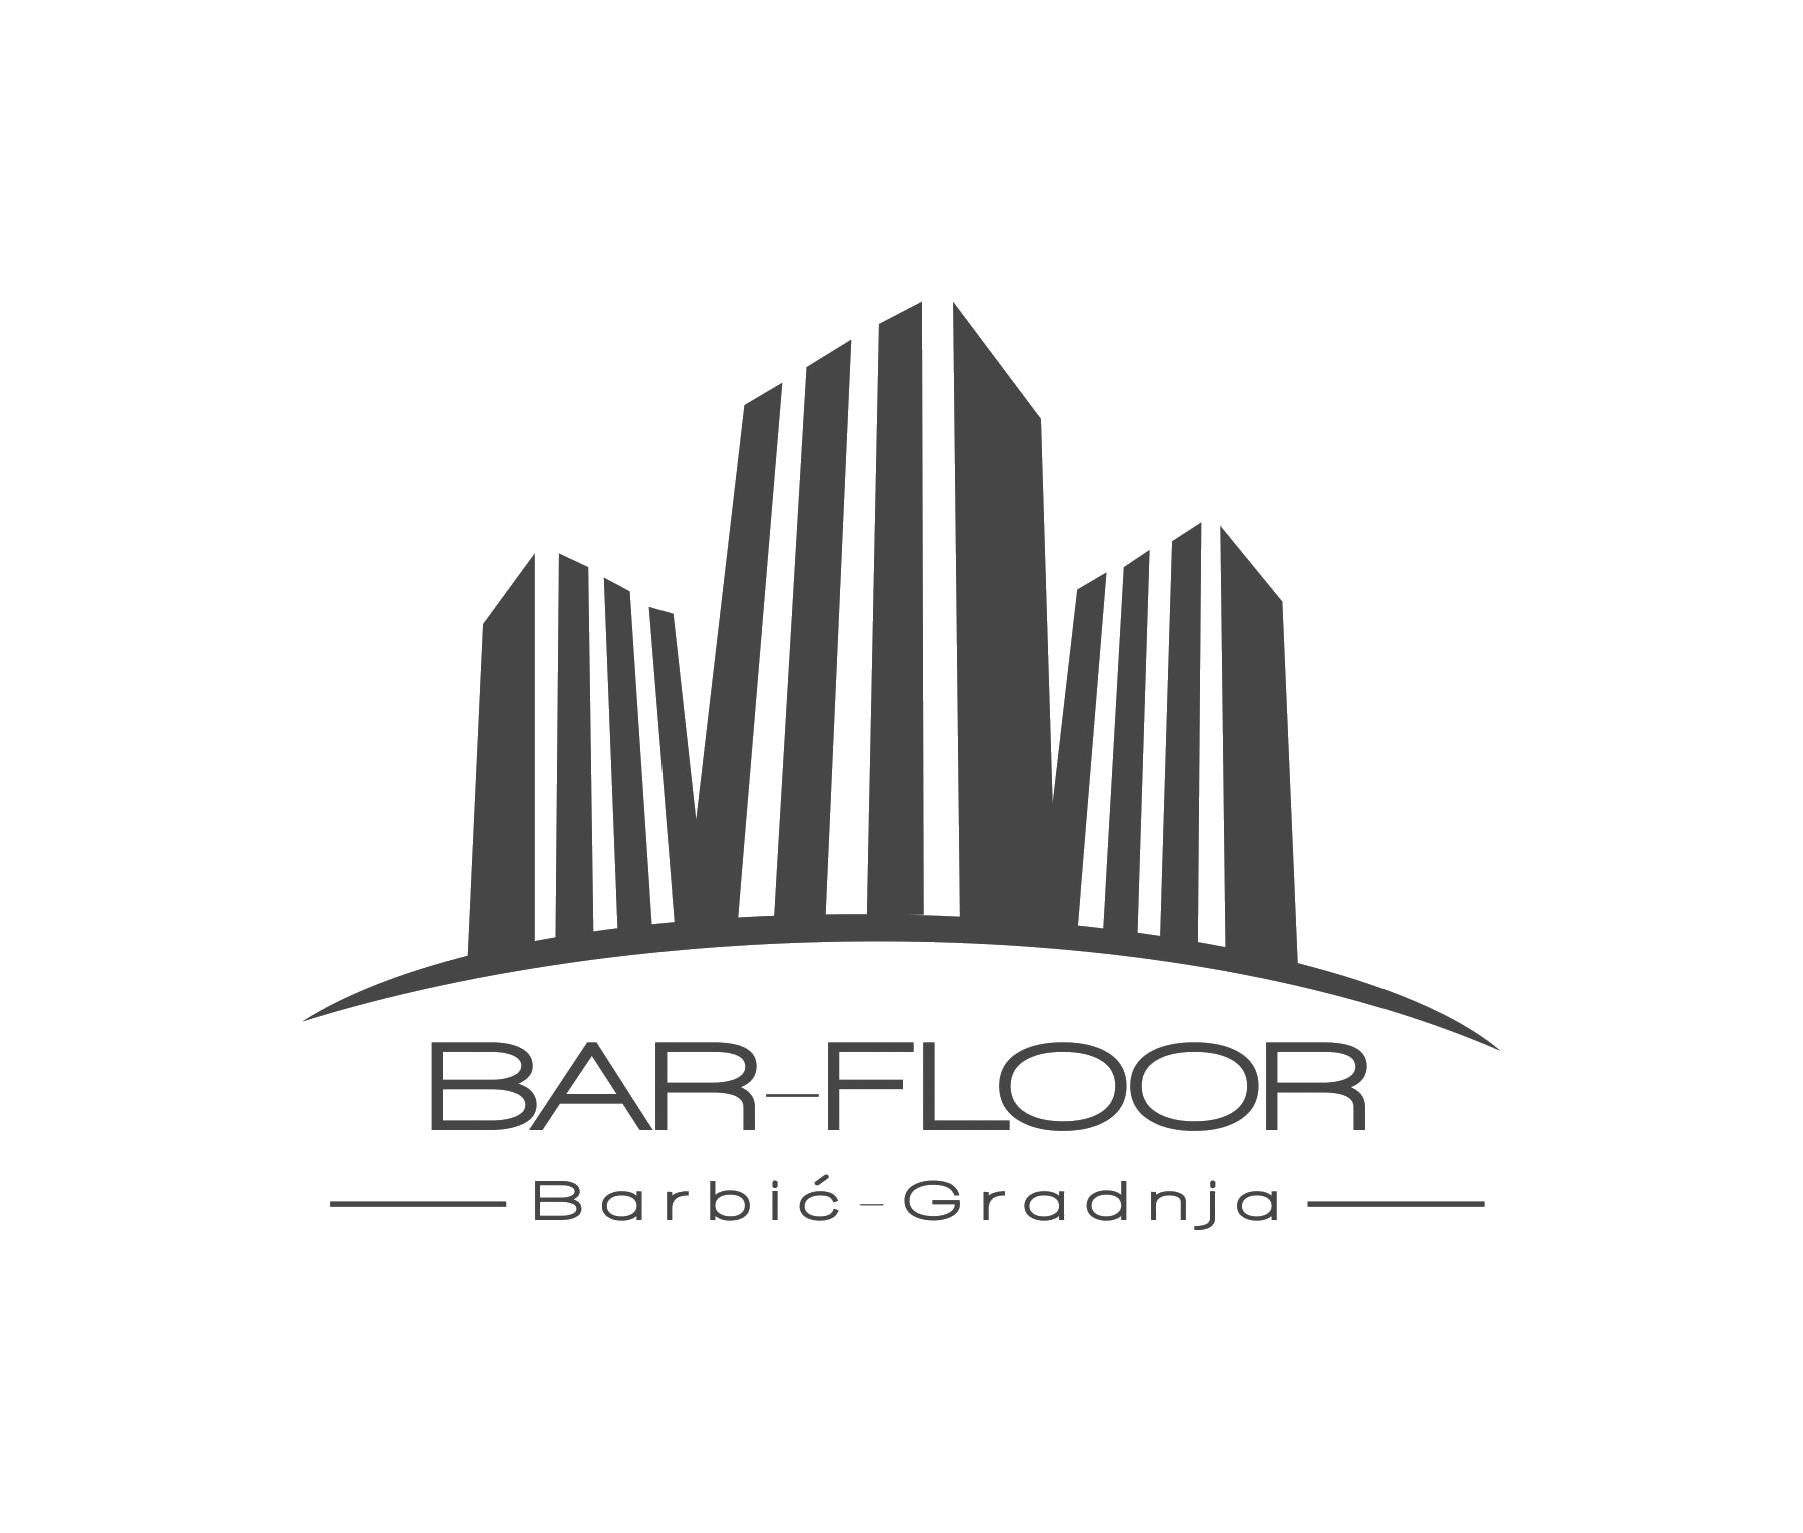 BAR-FLOOR